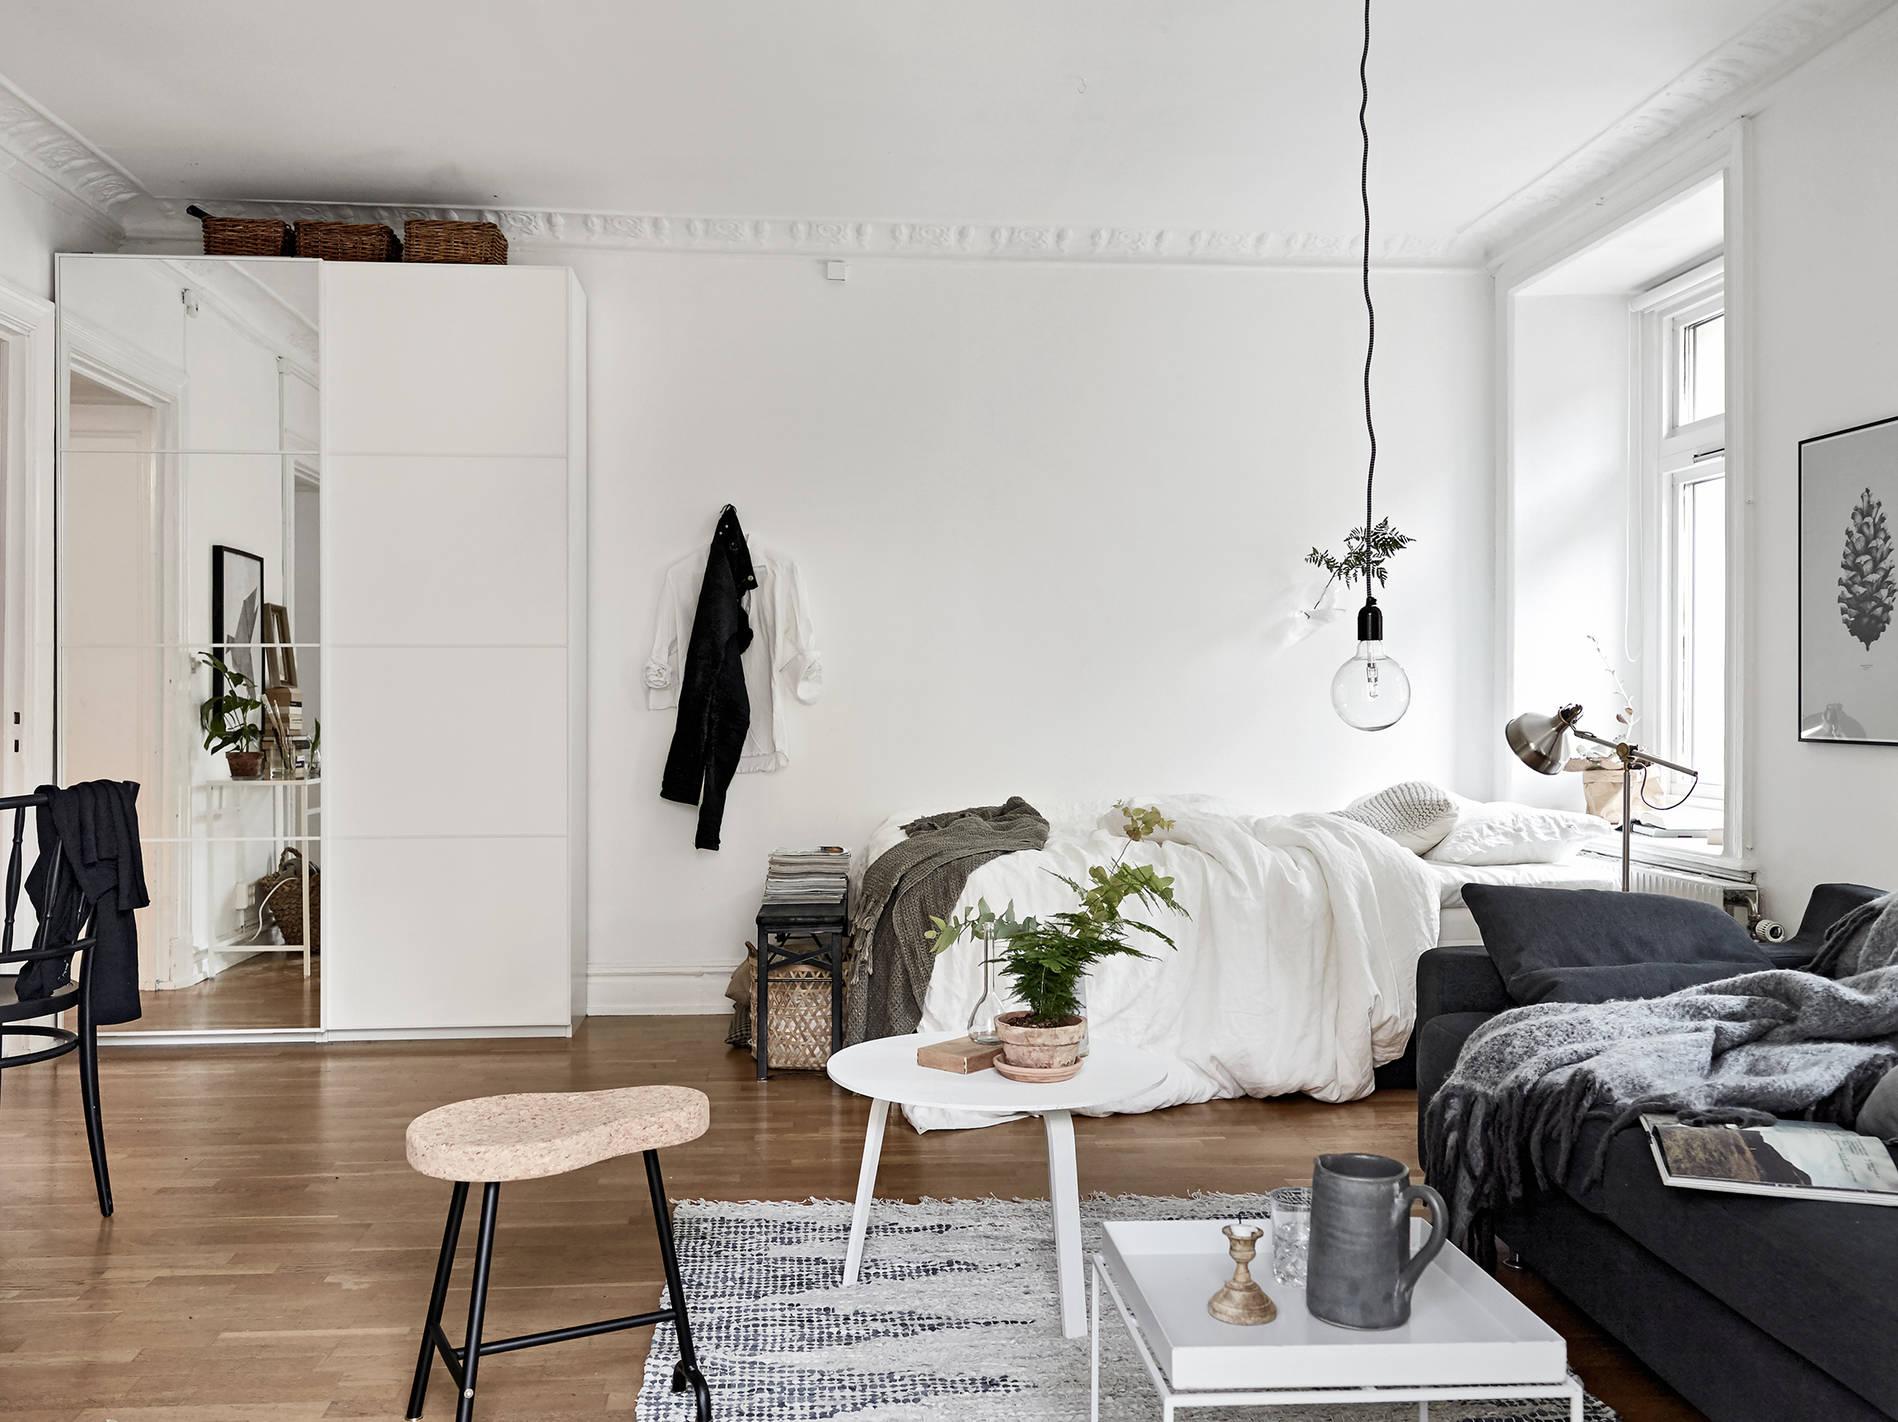 Обстановка однокомнатной квартиры с кроватью